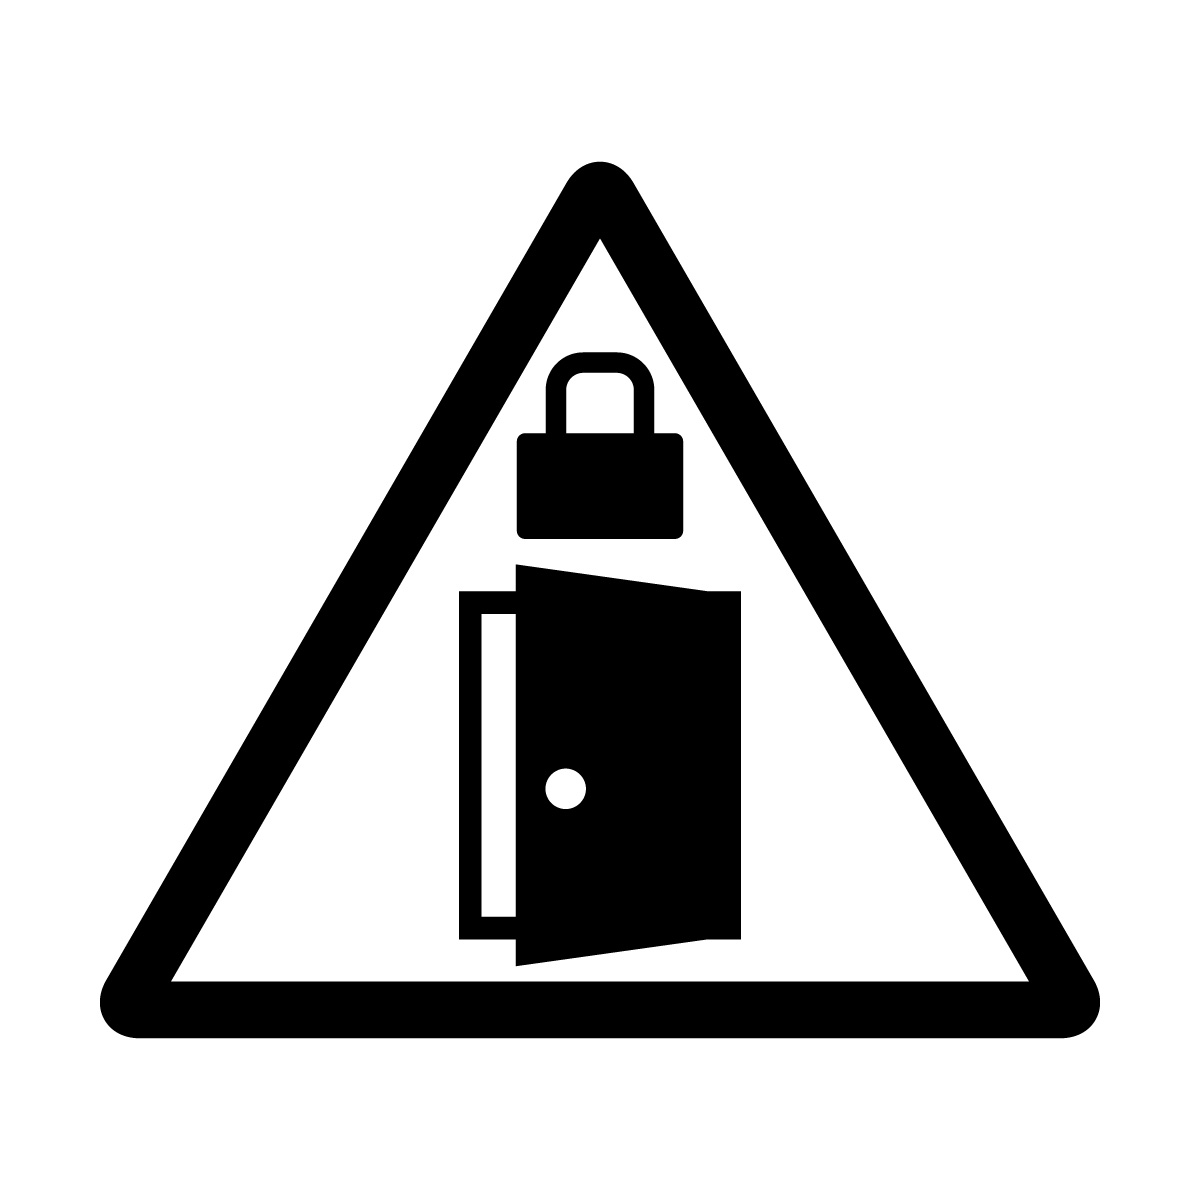 黒色の扉・ドアの施錠注意 鍵掛け マークのカッティングステッカー・シール